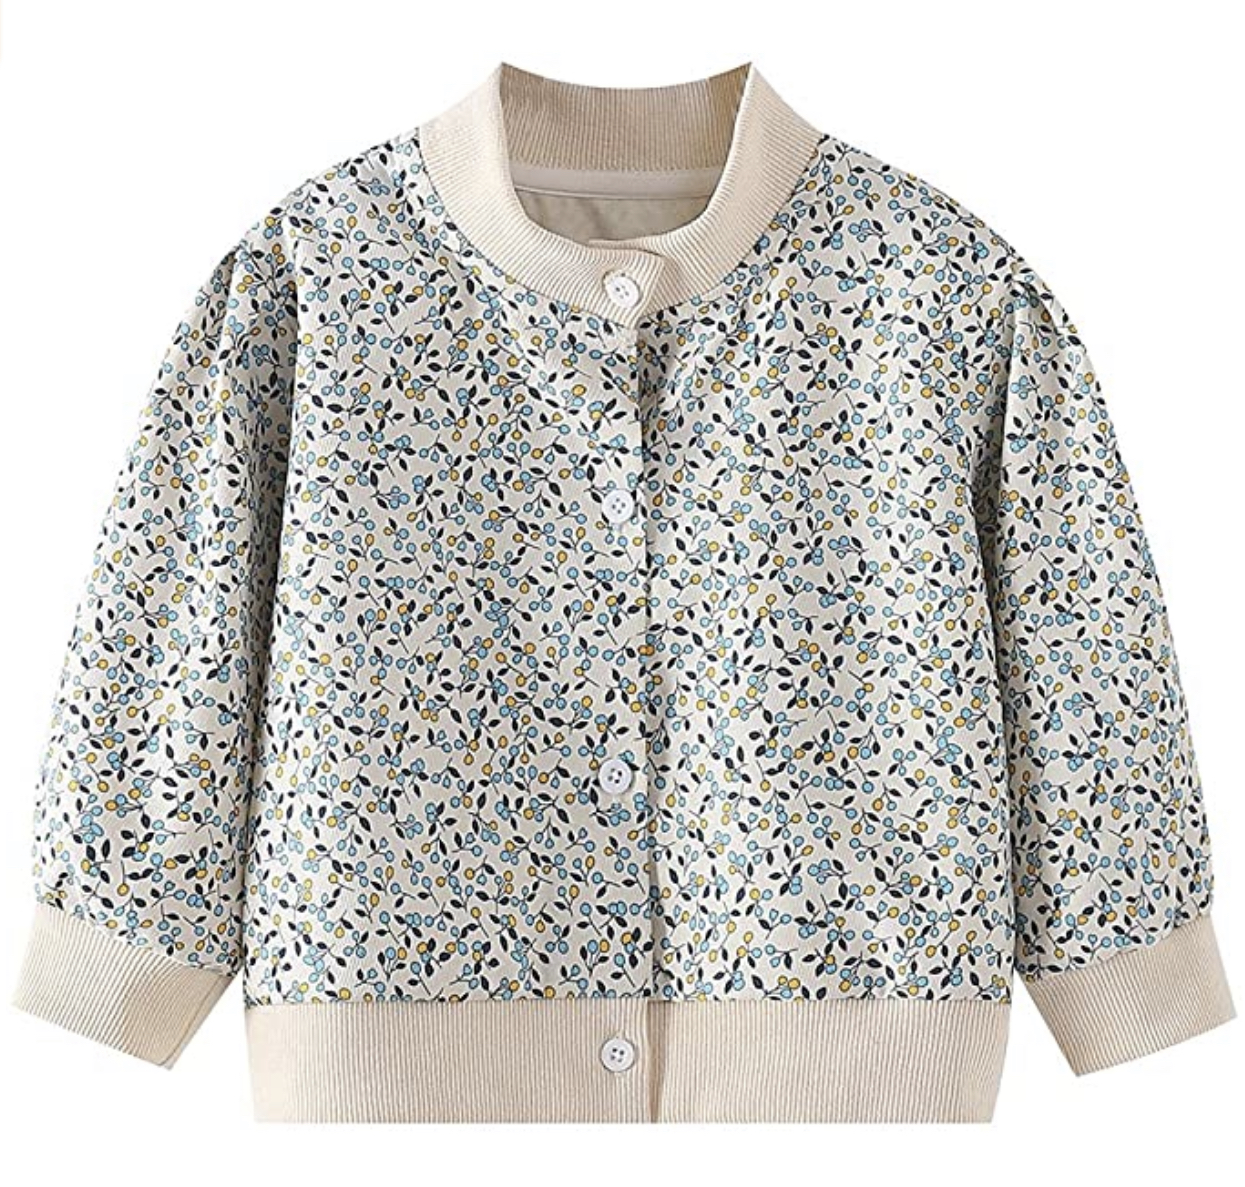 WELAKEN Floral Jacket for Girls Kids & Toddlers